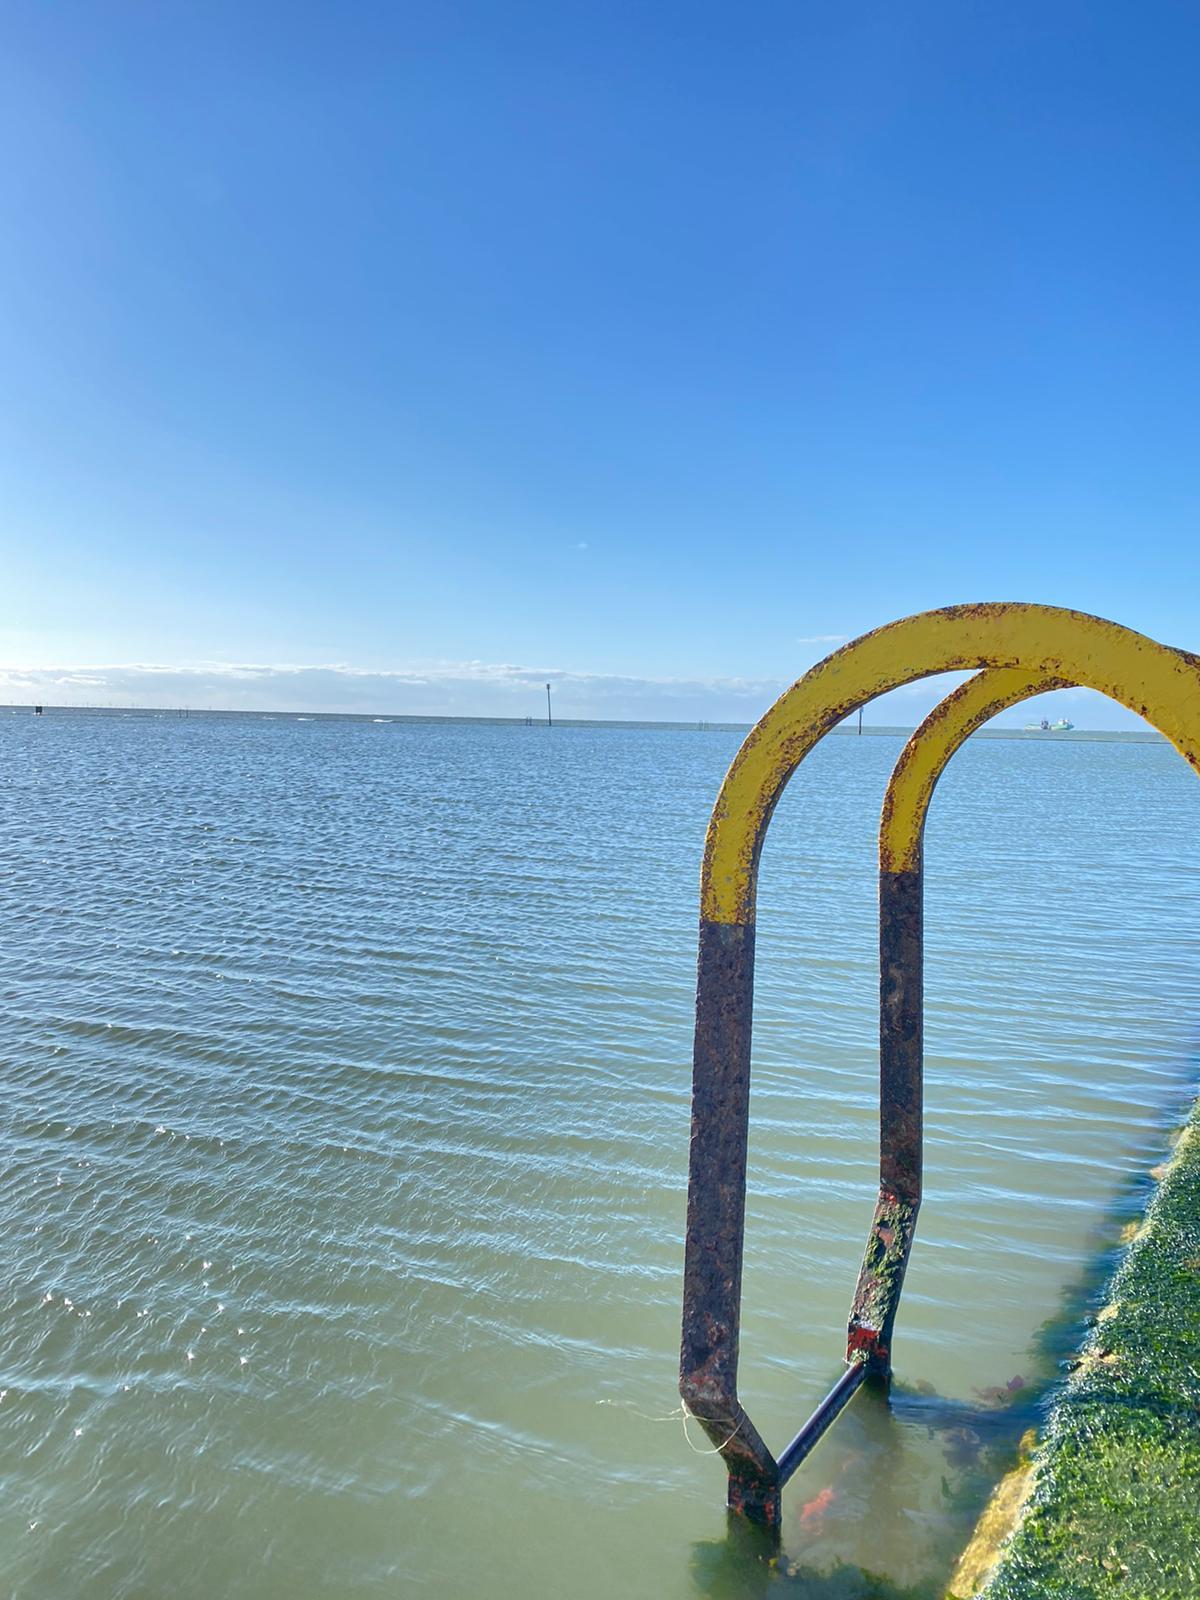 Swimming in the sea in the UK-80a1e1cb-7937-40a0-bb39-1882bb4a4e7b-jpeg